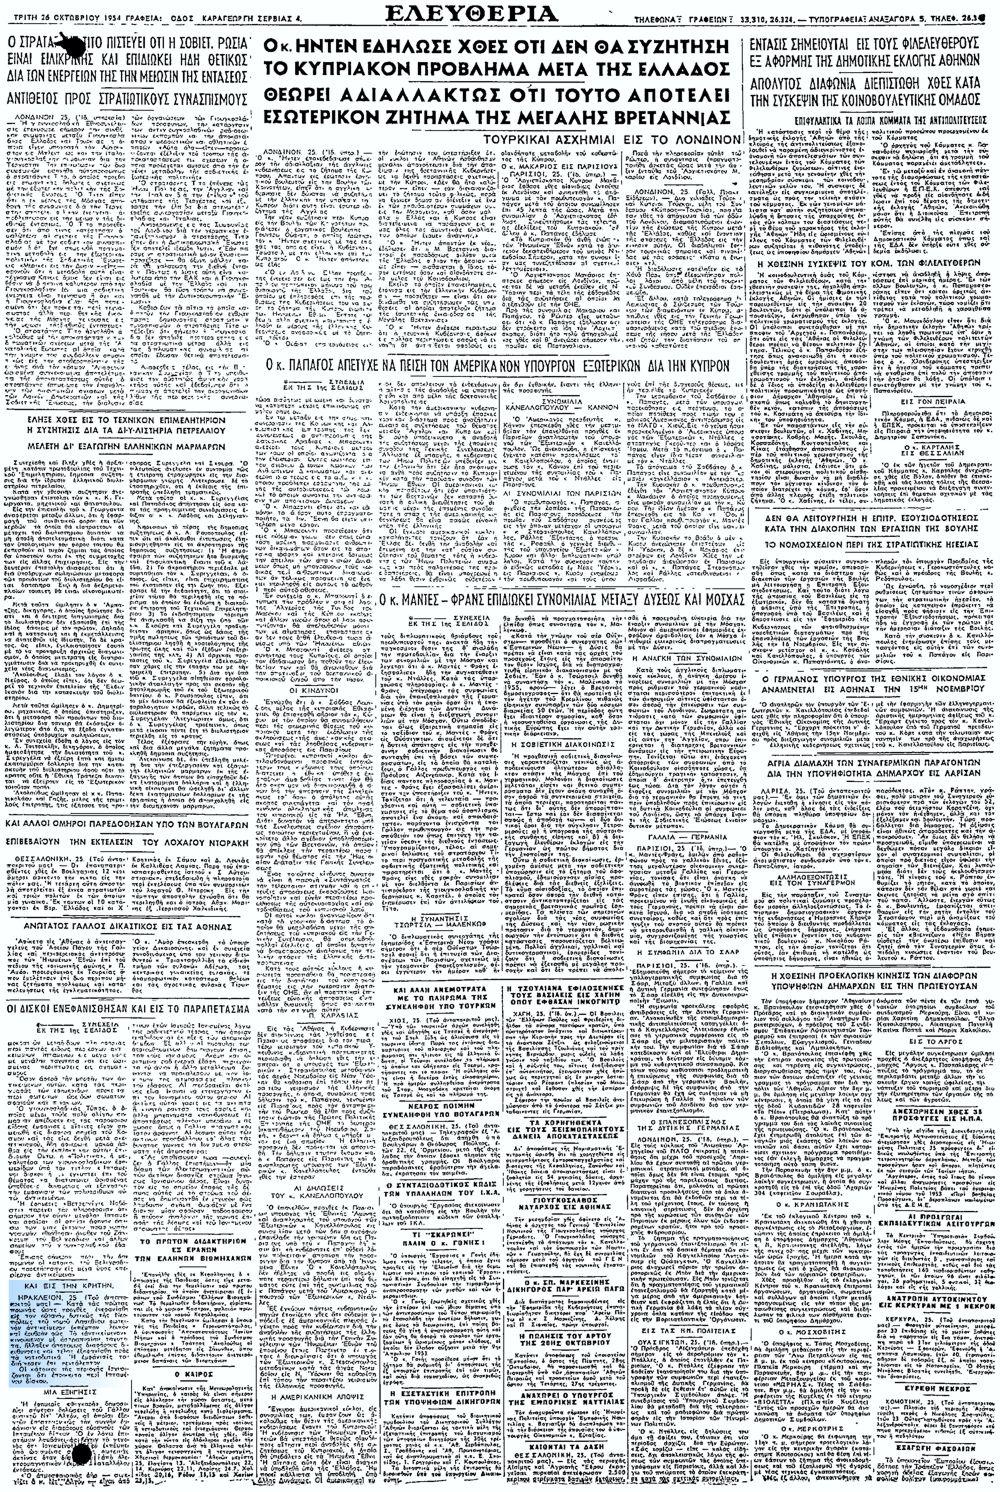 """Το άρθρο, όπως δημοσιεύθηκε στην εφημερίδα """"ΕΛΕΥΘΕΡΙΑ"""", στις 26/10/1954"""